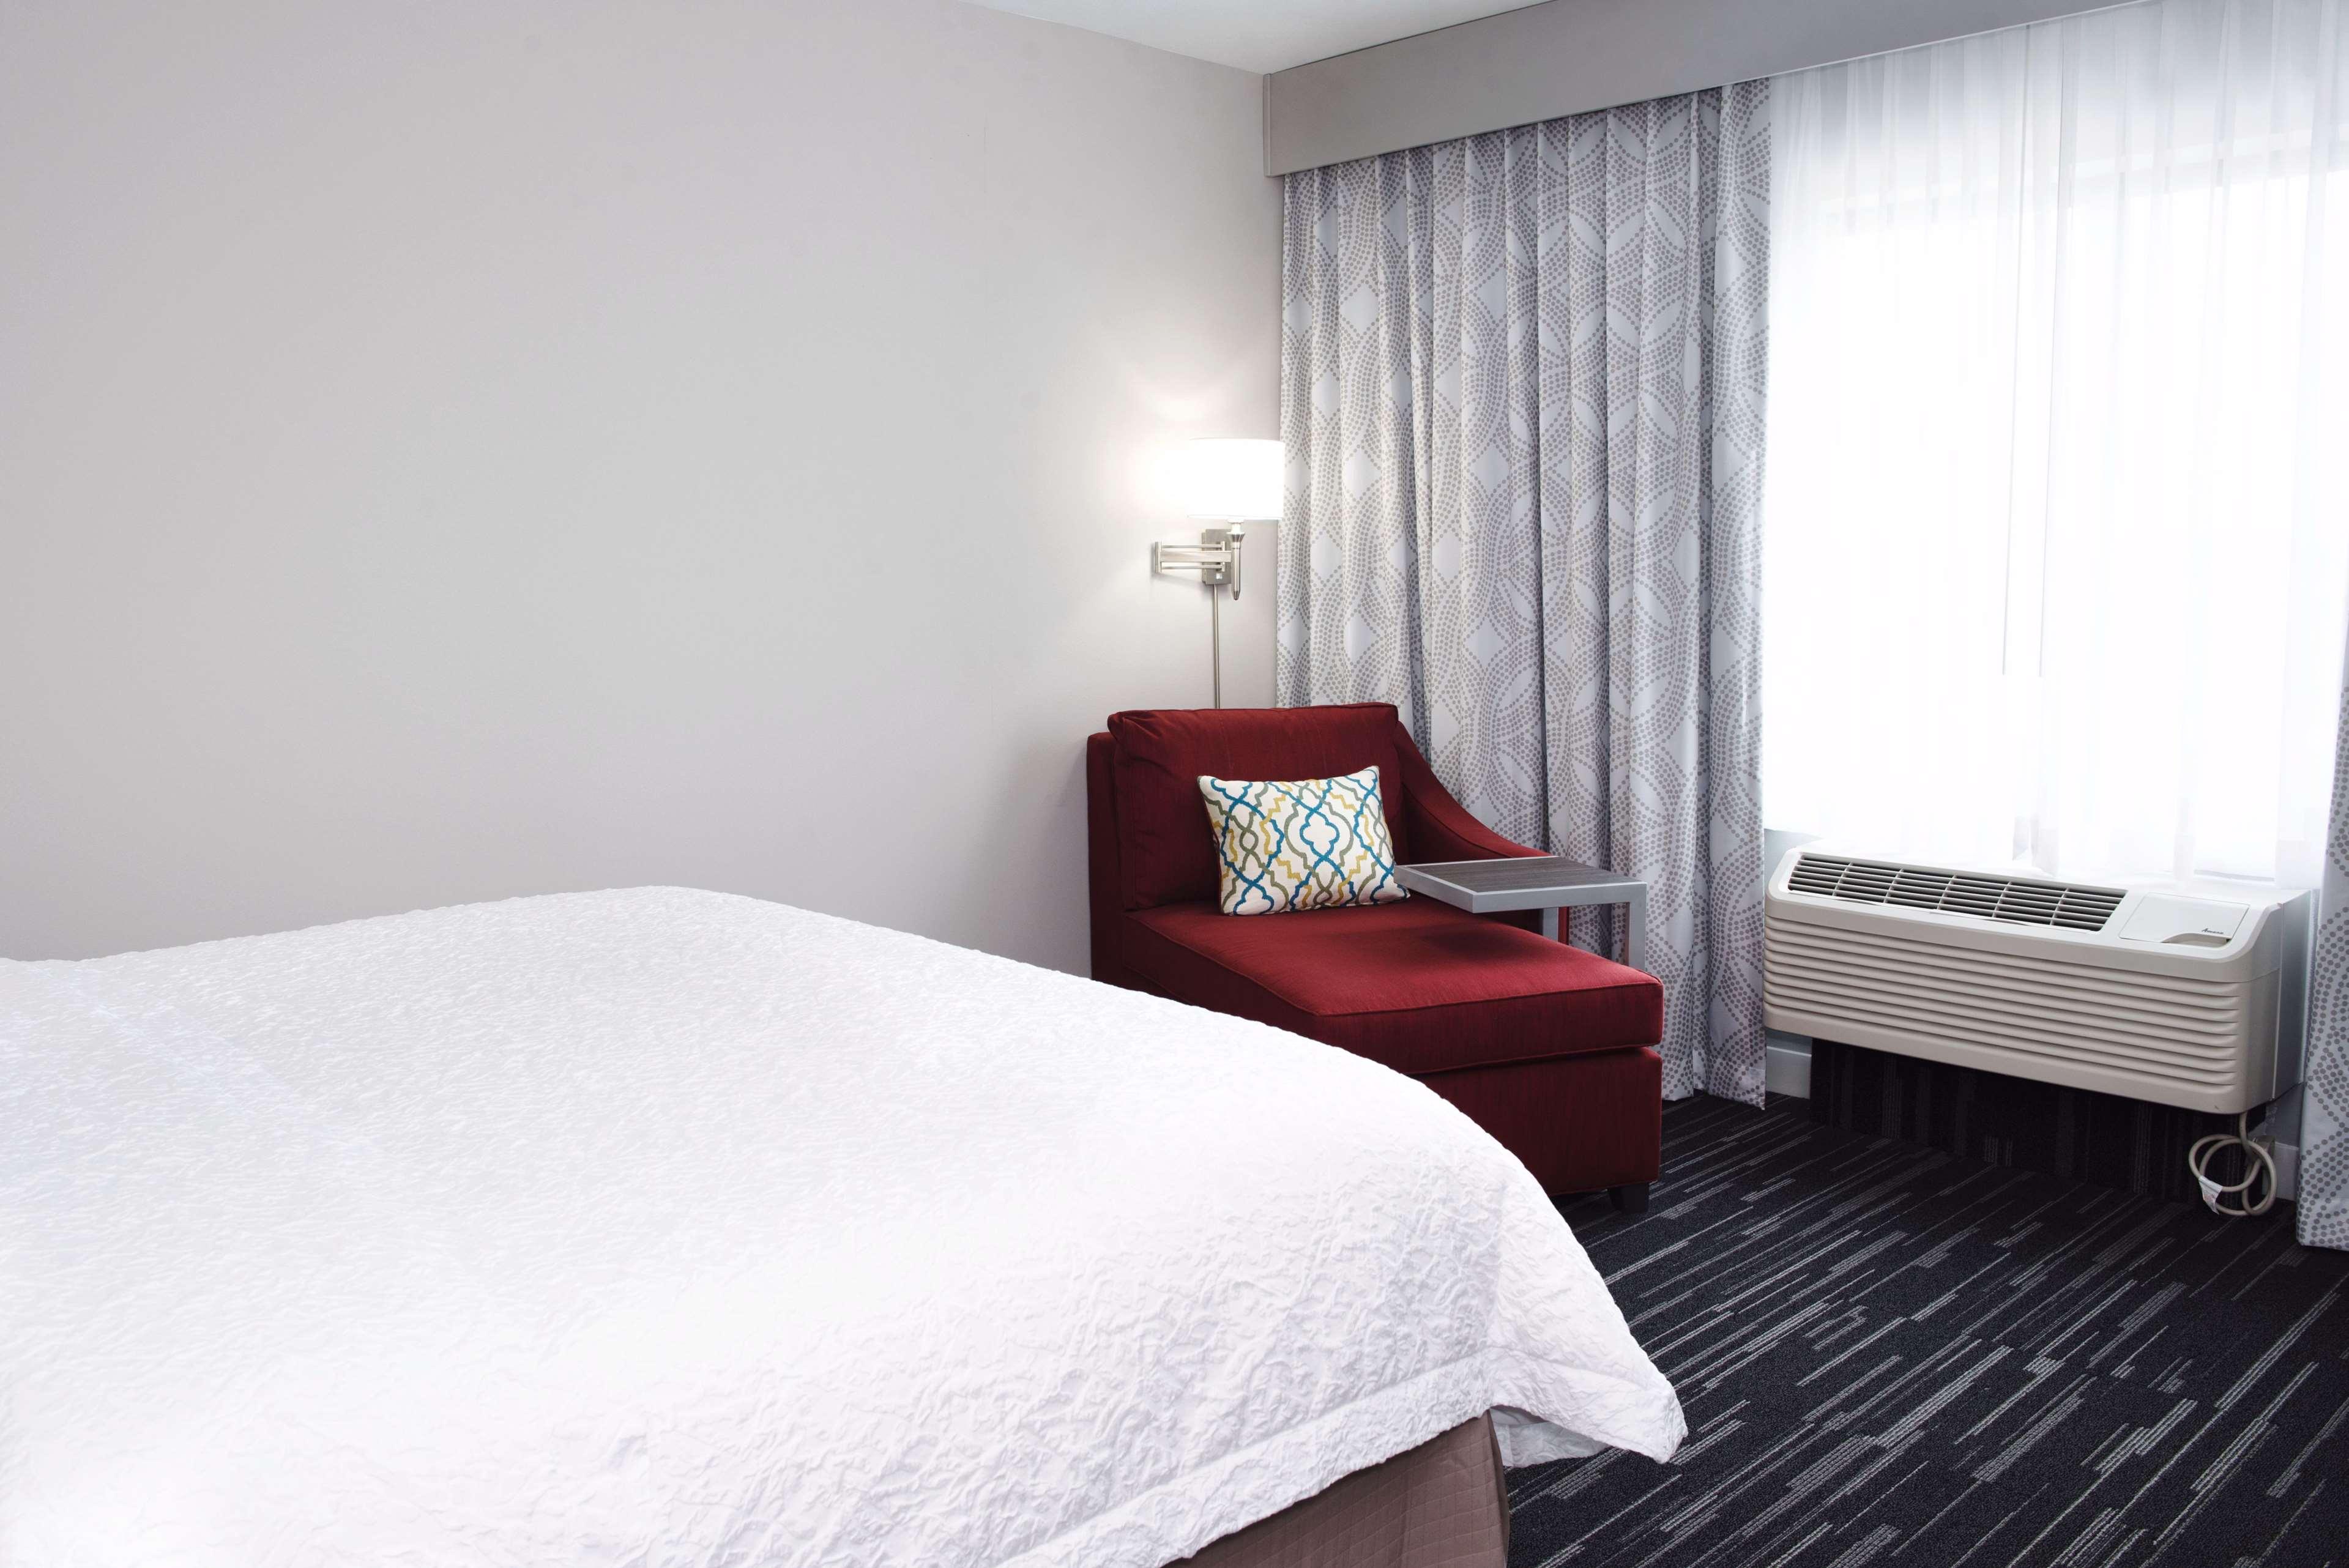 Hampton Inn & Suites Des Moines/Urbandale image 26